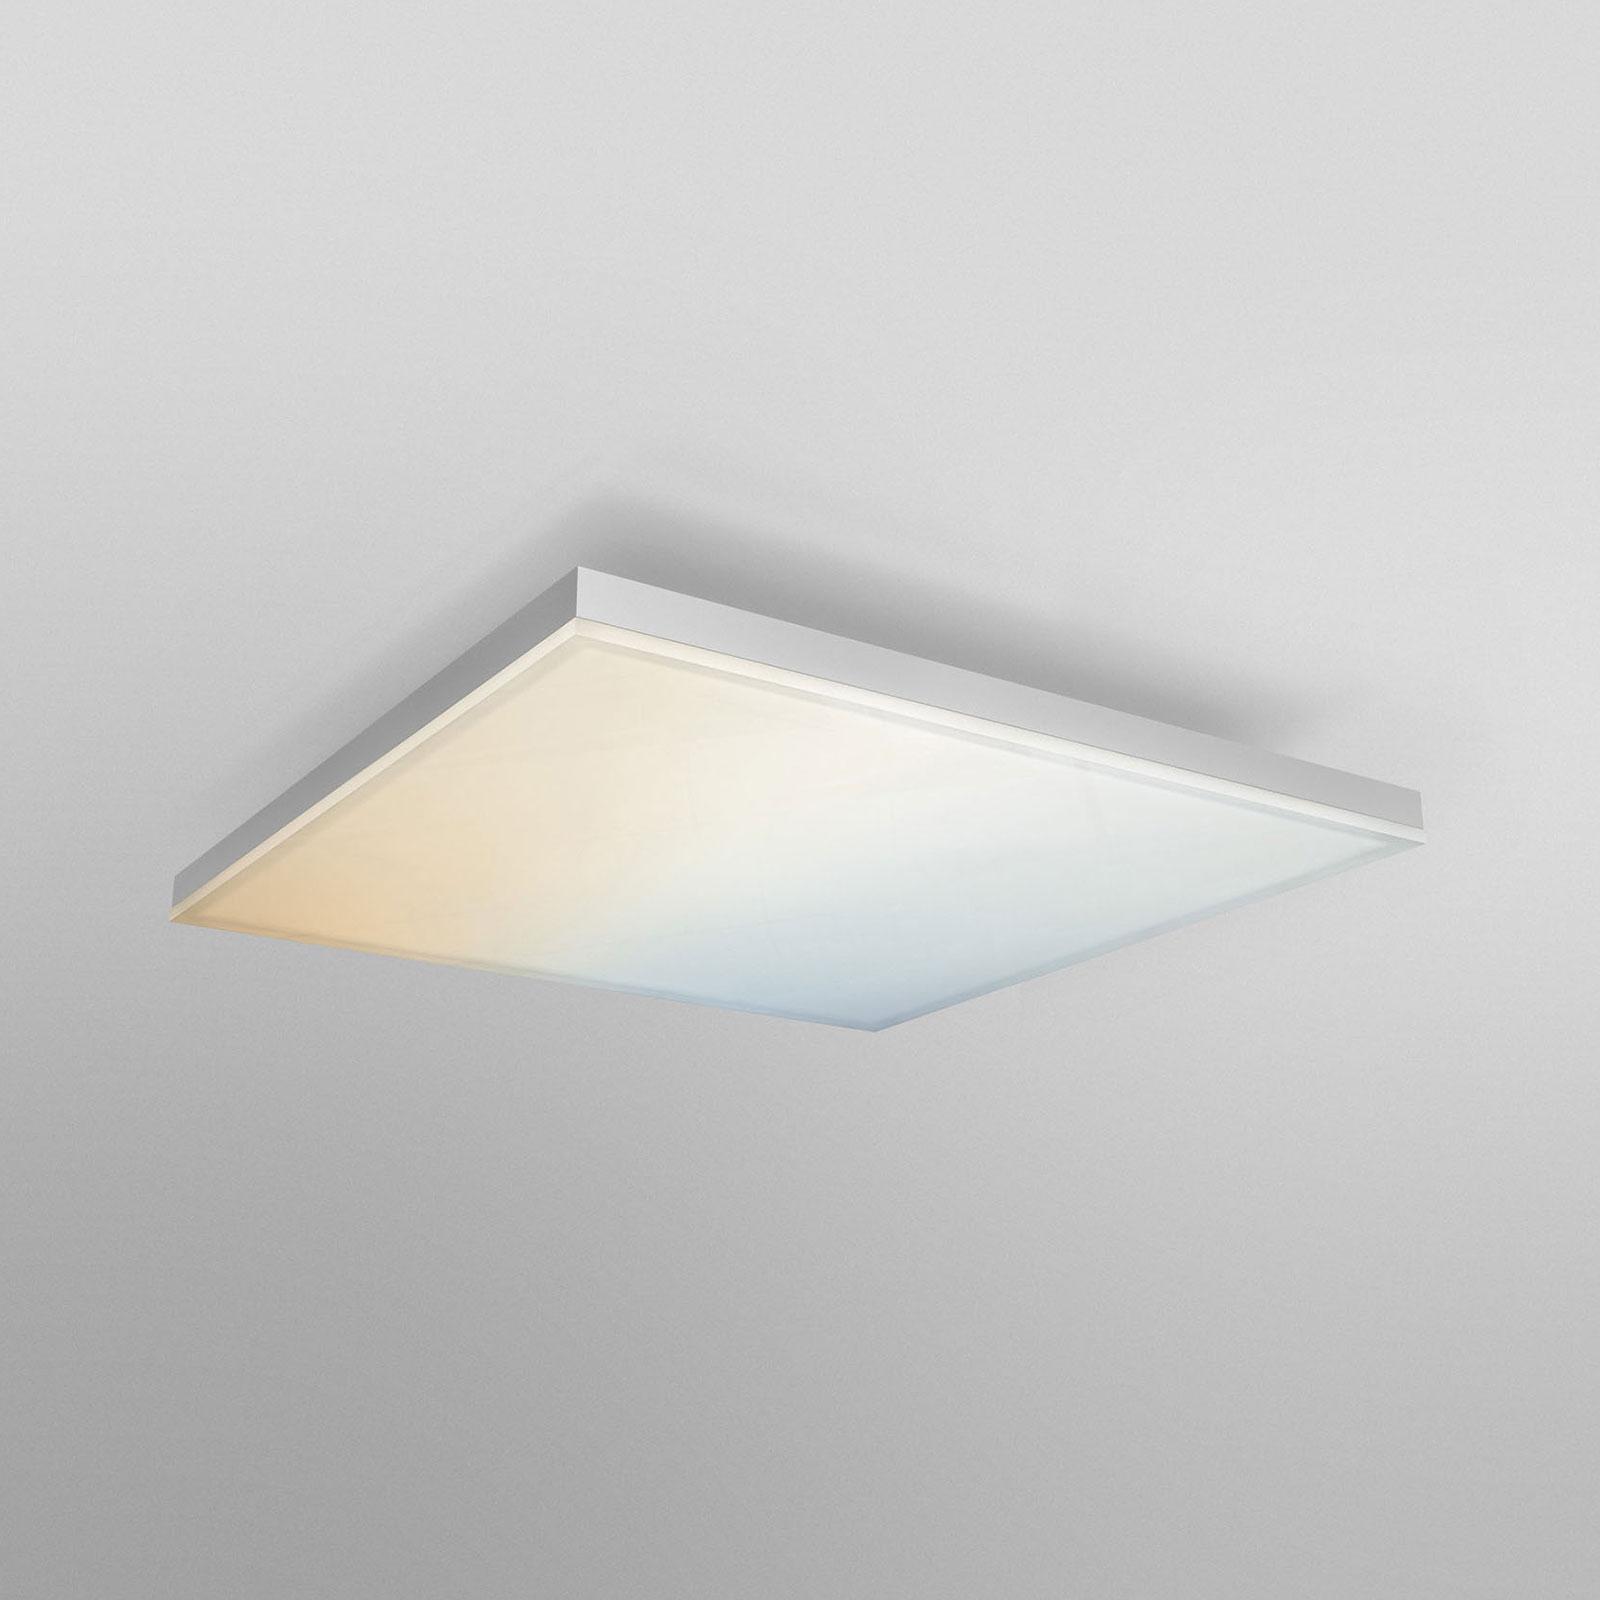 LEDVANCE SMART+ WiFi Planon LED-Panel CCT 45x45cm